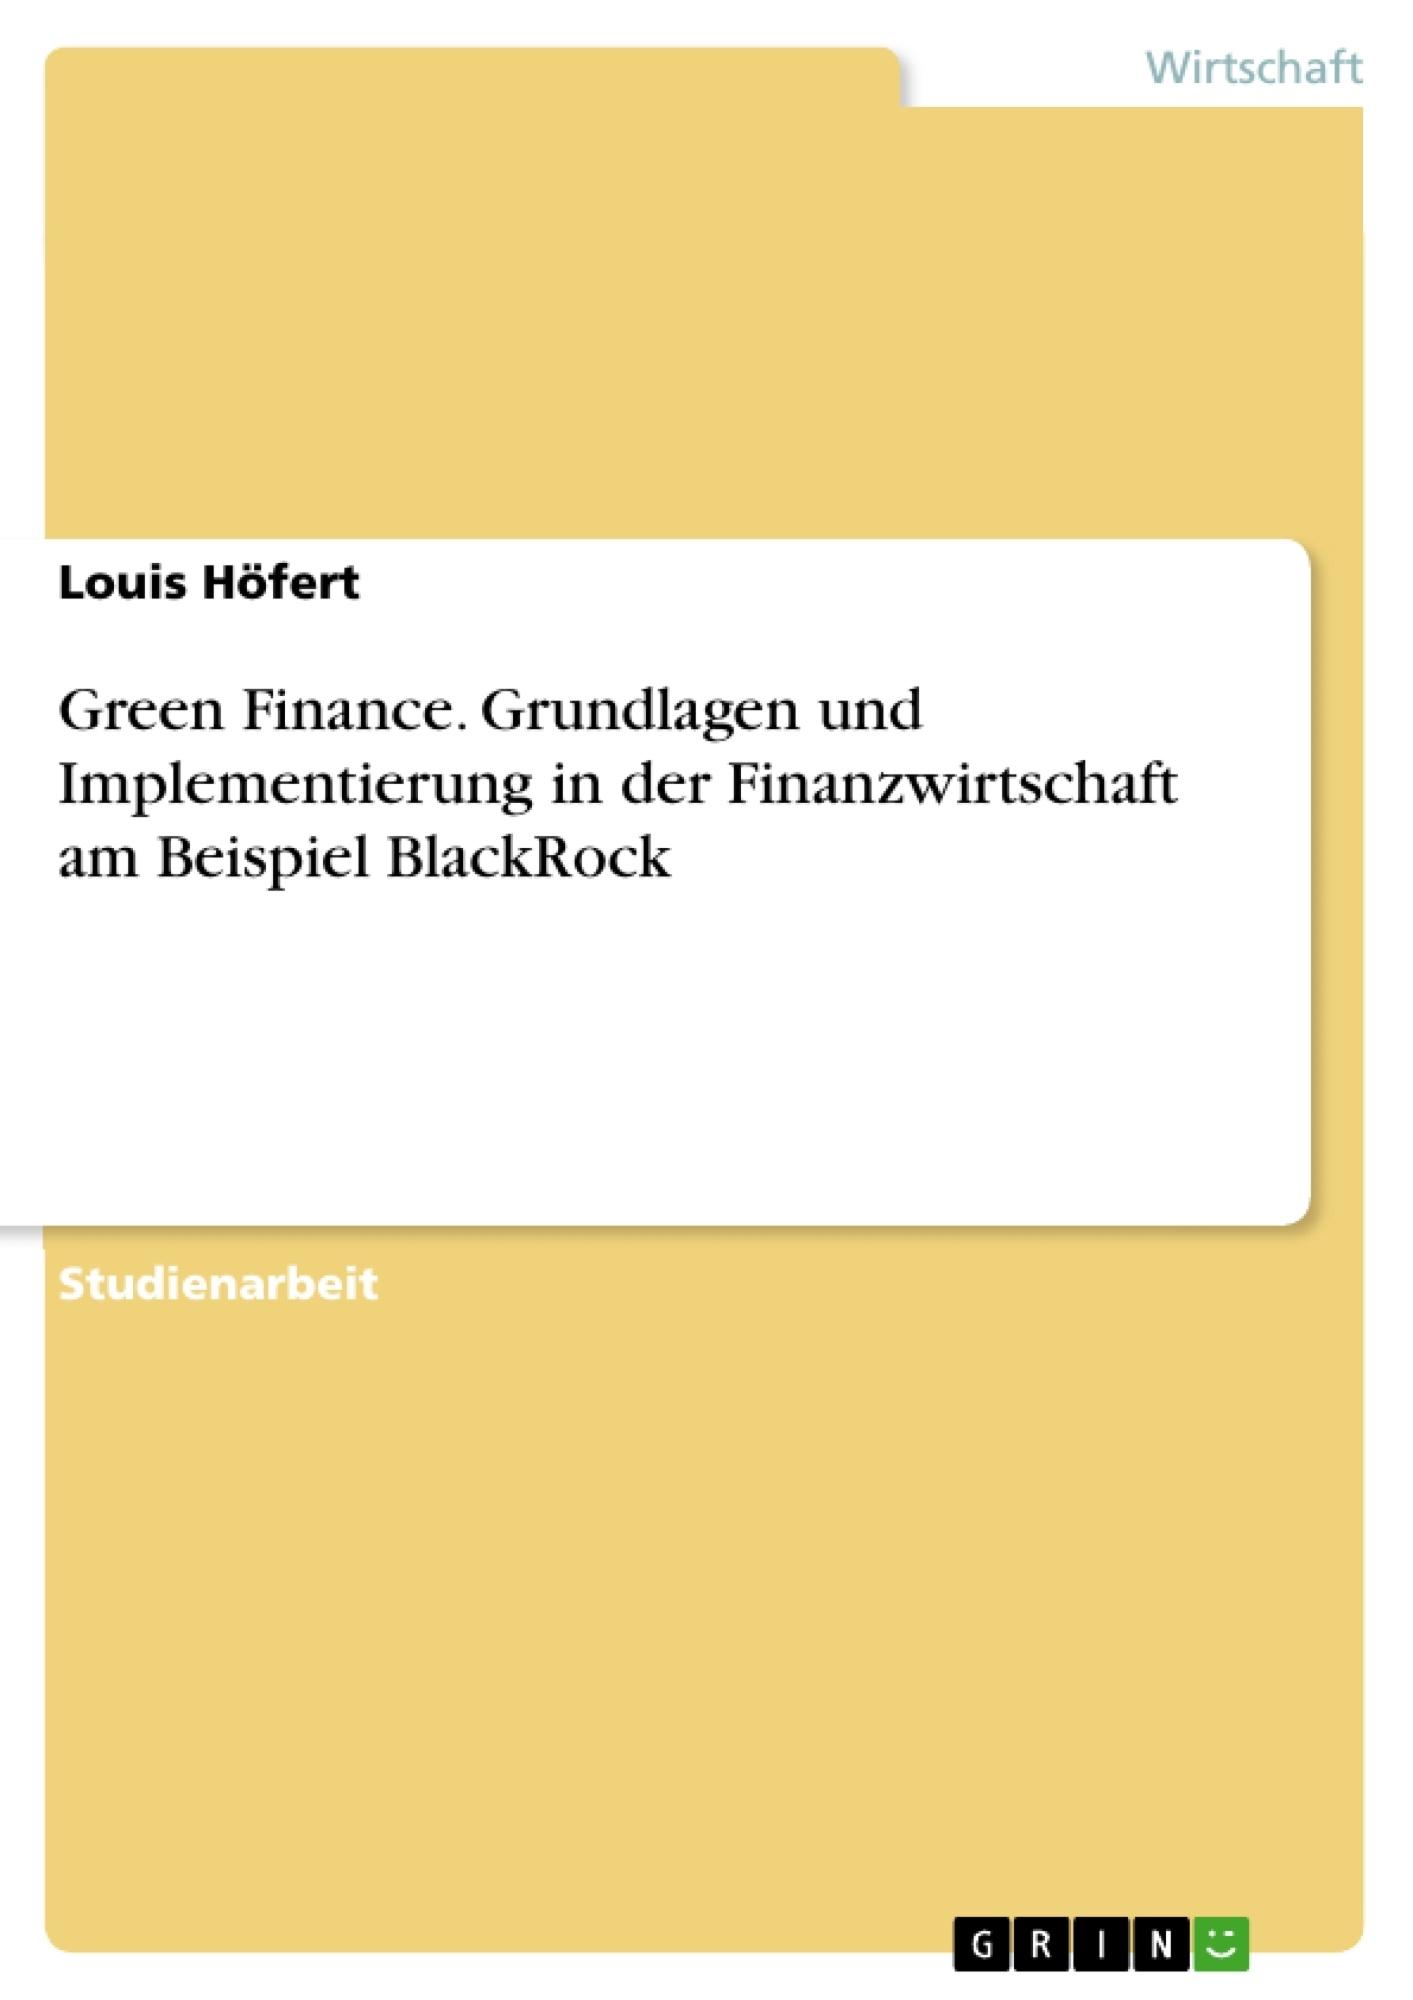 Titel: Green Finance. Grundlagen und Implementierung in der Finanzwirtschaft am Beispiel BlackRock